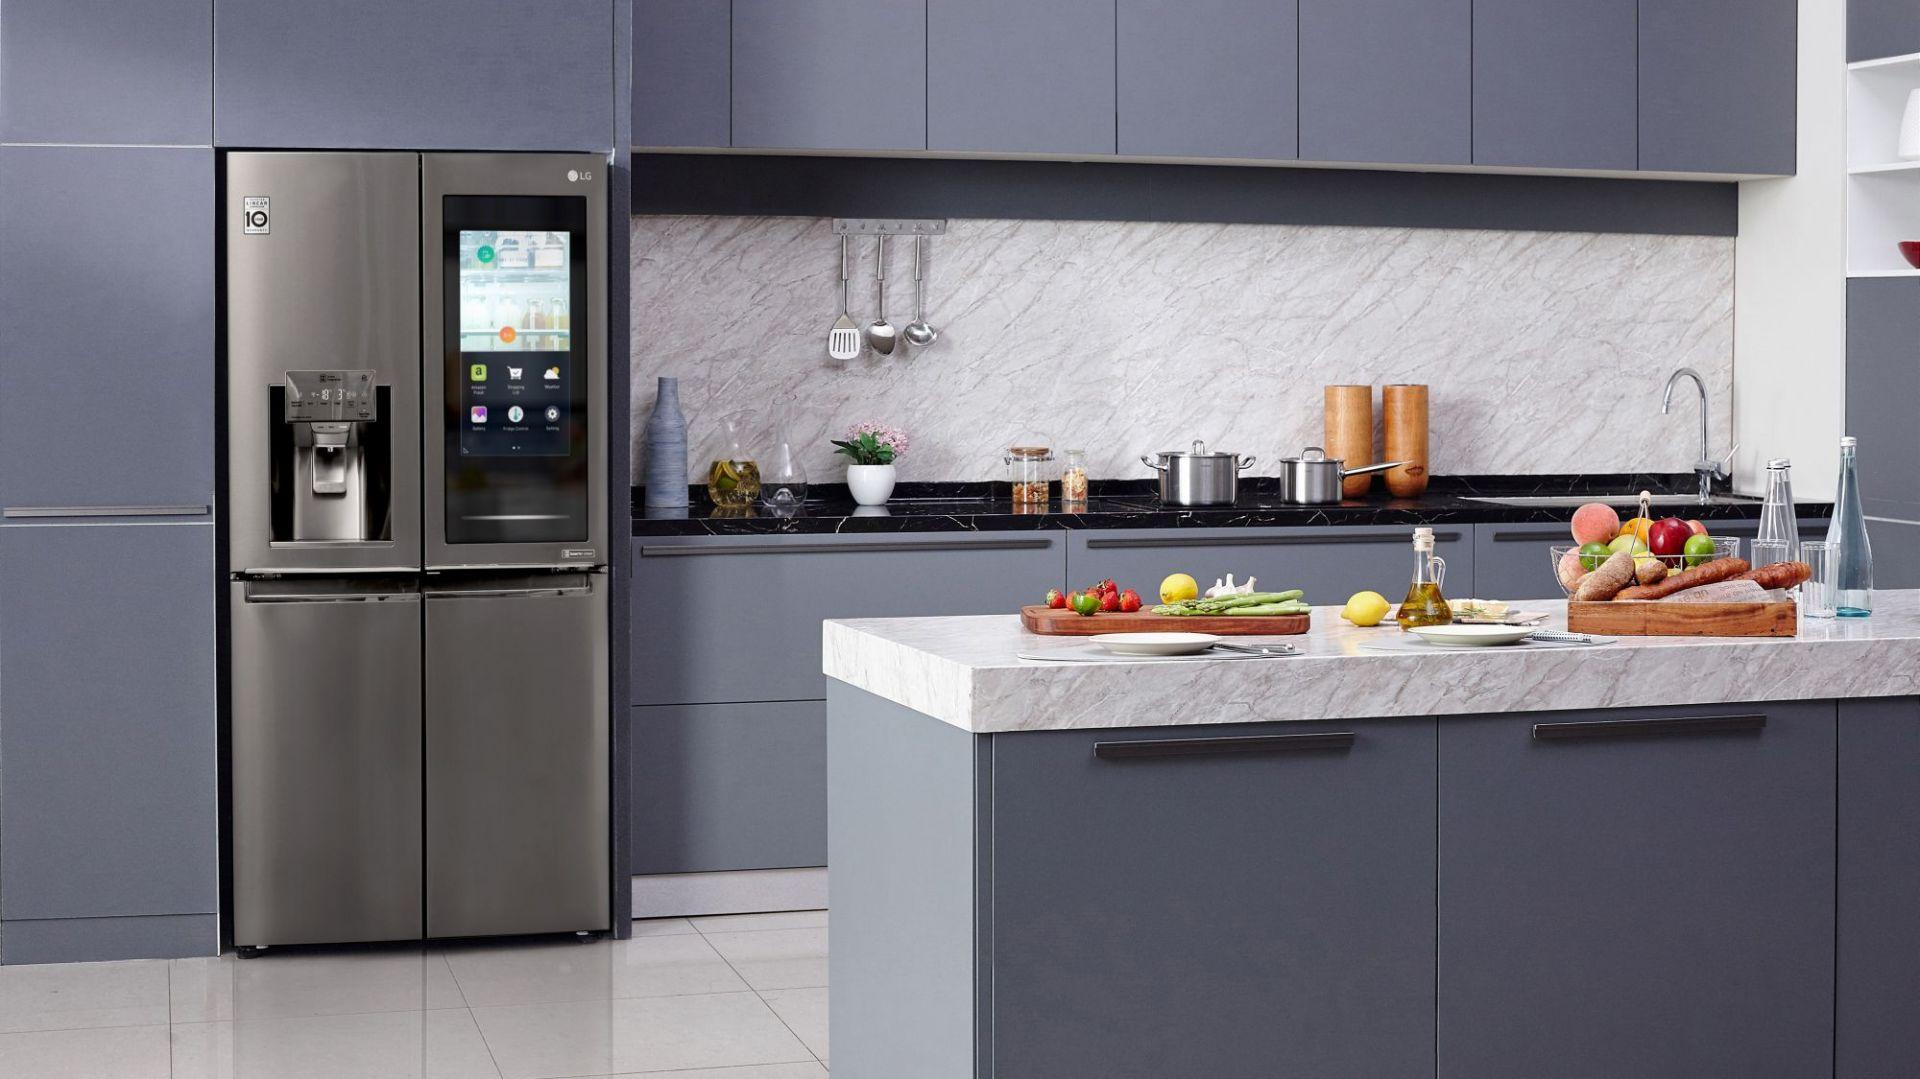 Nowoczesna kuchnia: lodówka w wersji smart. Fot. LG